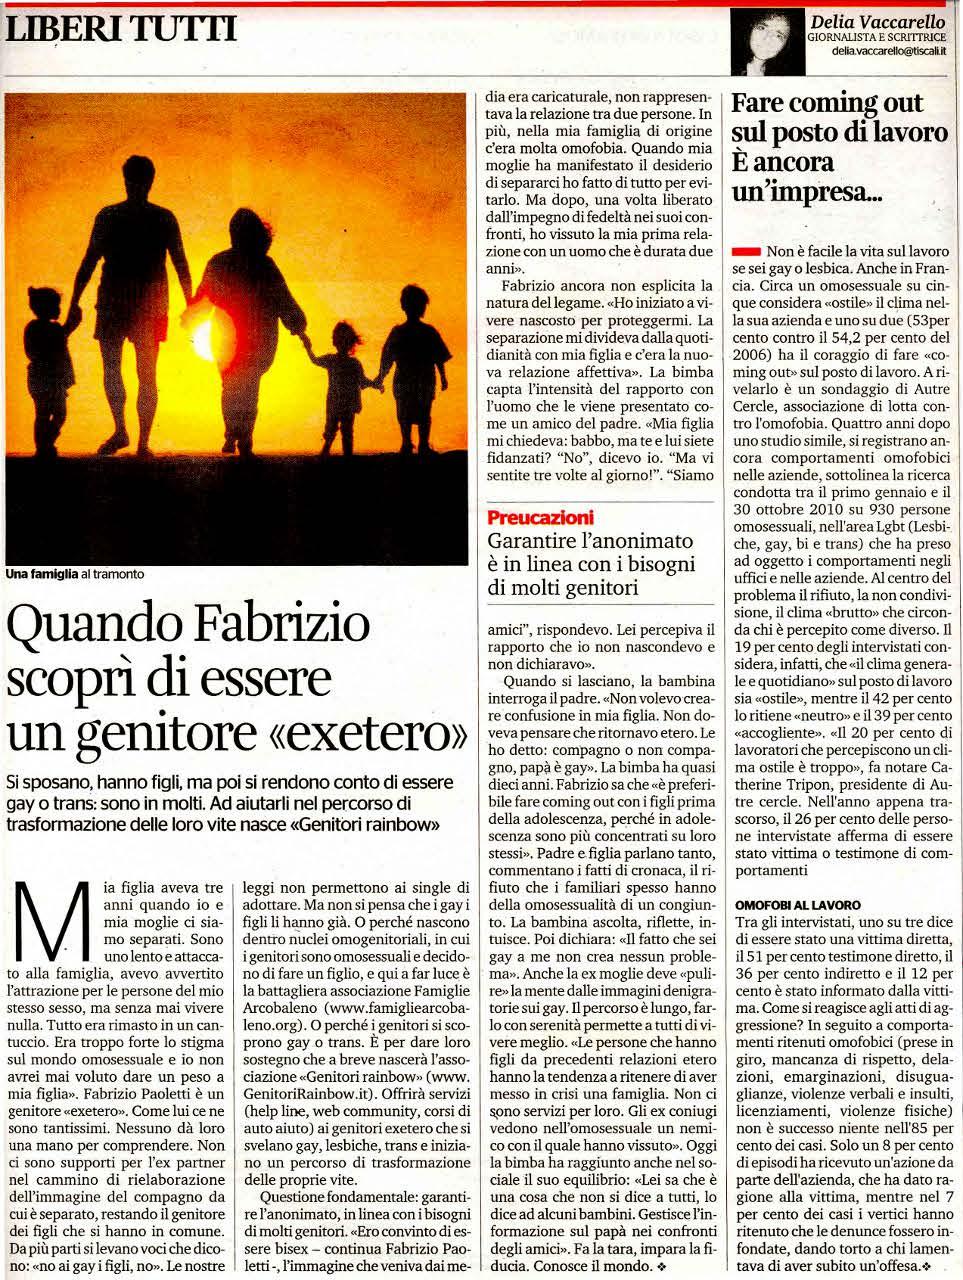 """Quando Fabrizio Scopri di essere un genitore """"exetero"""""""